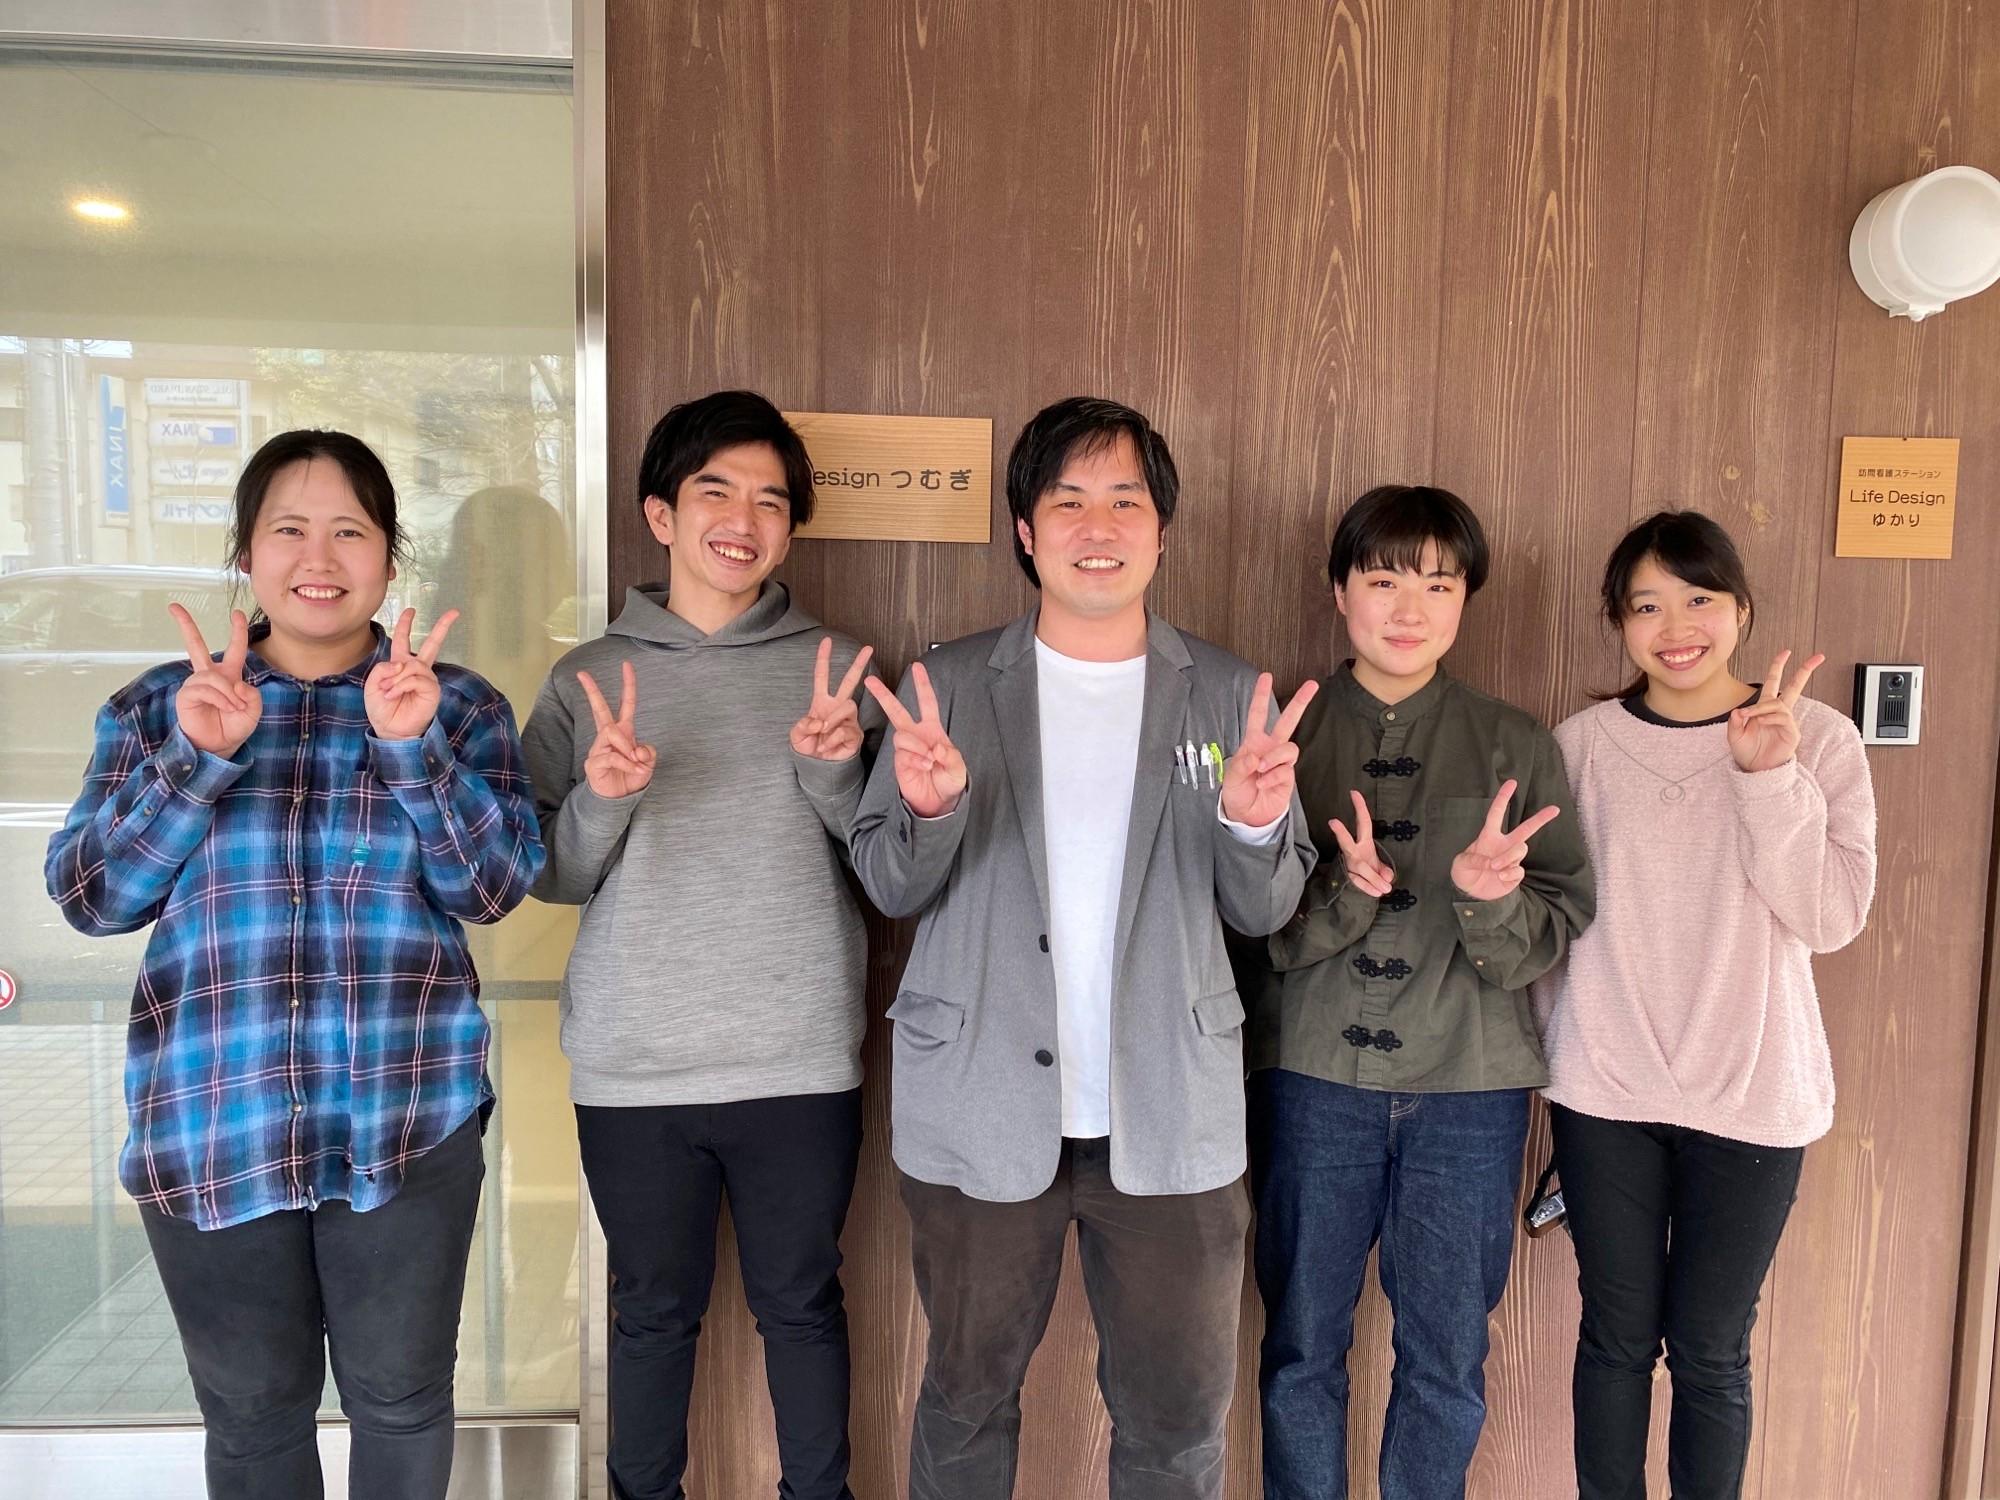 記事 武蔵野市エリアに新しくカスタマイズ型グループホーム「LifeDesign つむぎ」がオープンしました!オープニングスタッフ募集中!のアイキャッチ画像